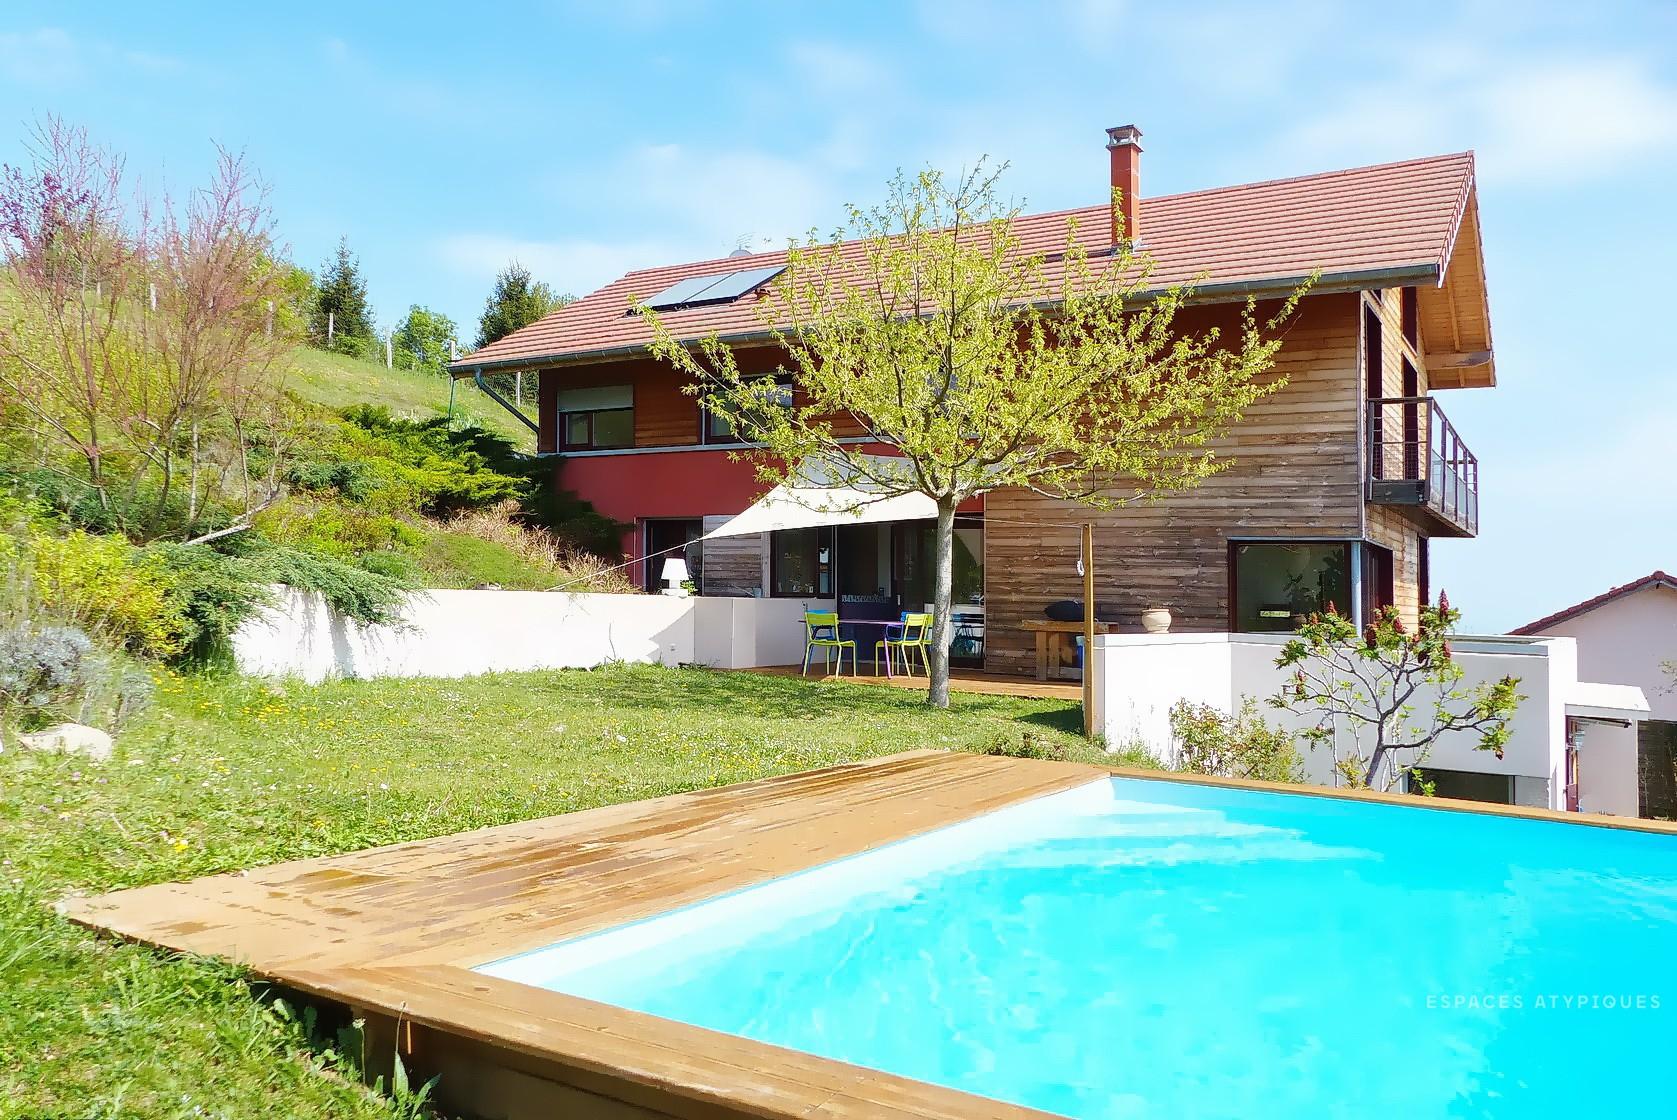 Bourgoin Jallieu : Maison Bioclimatique D'architecte ... pour Piscine Bourgoin Jallieu